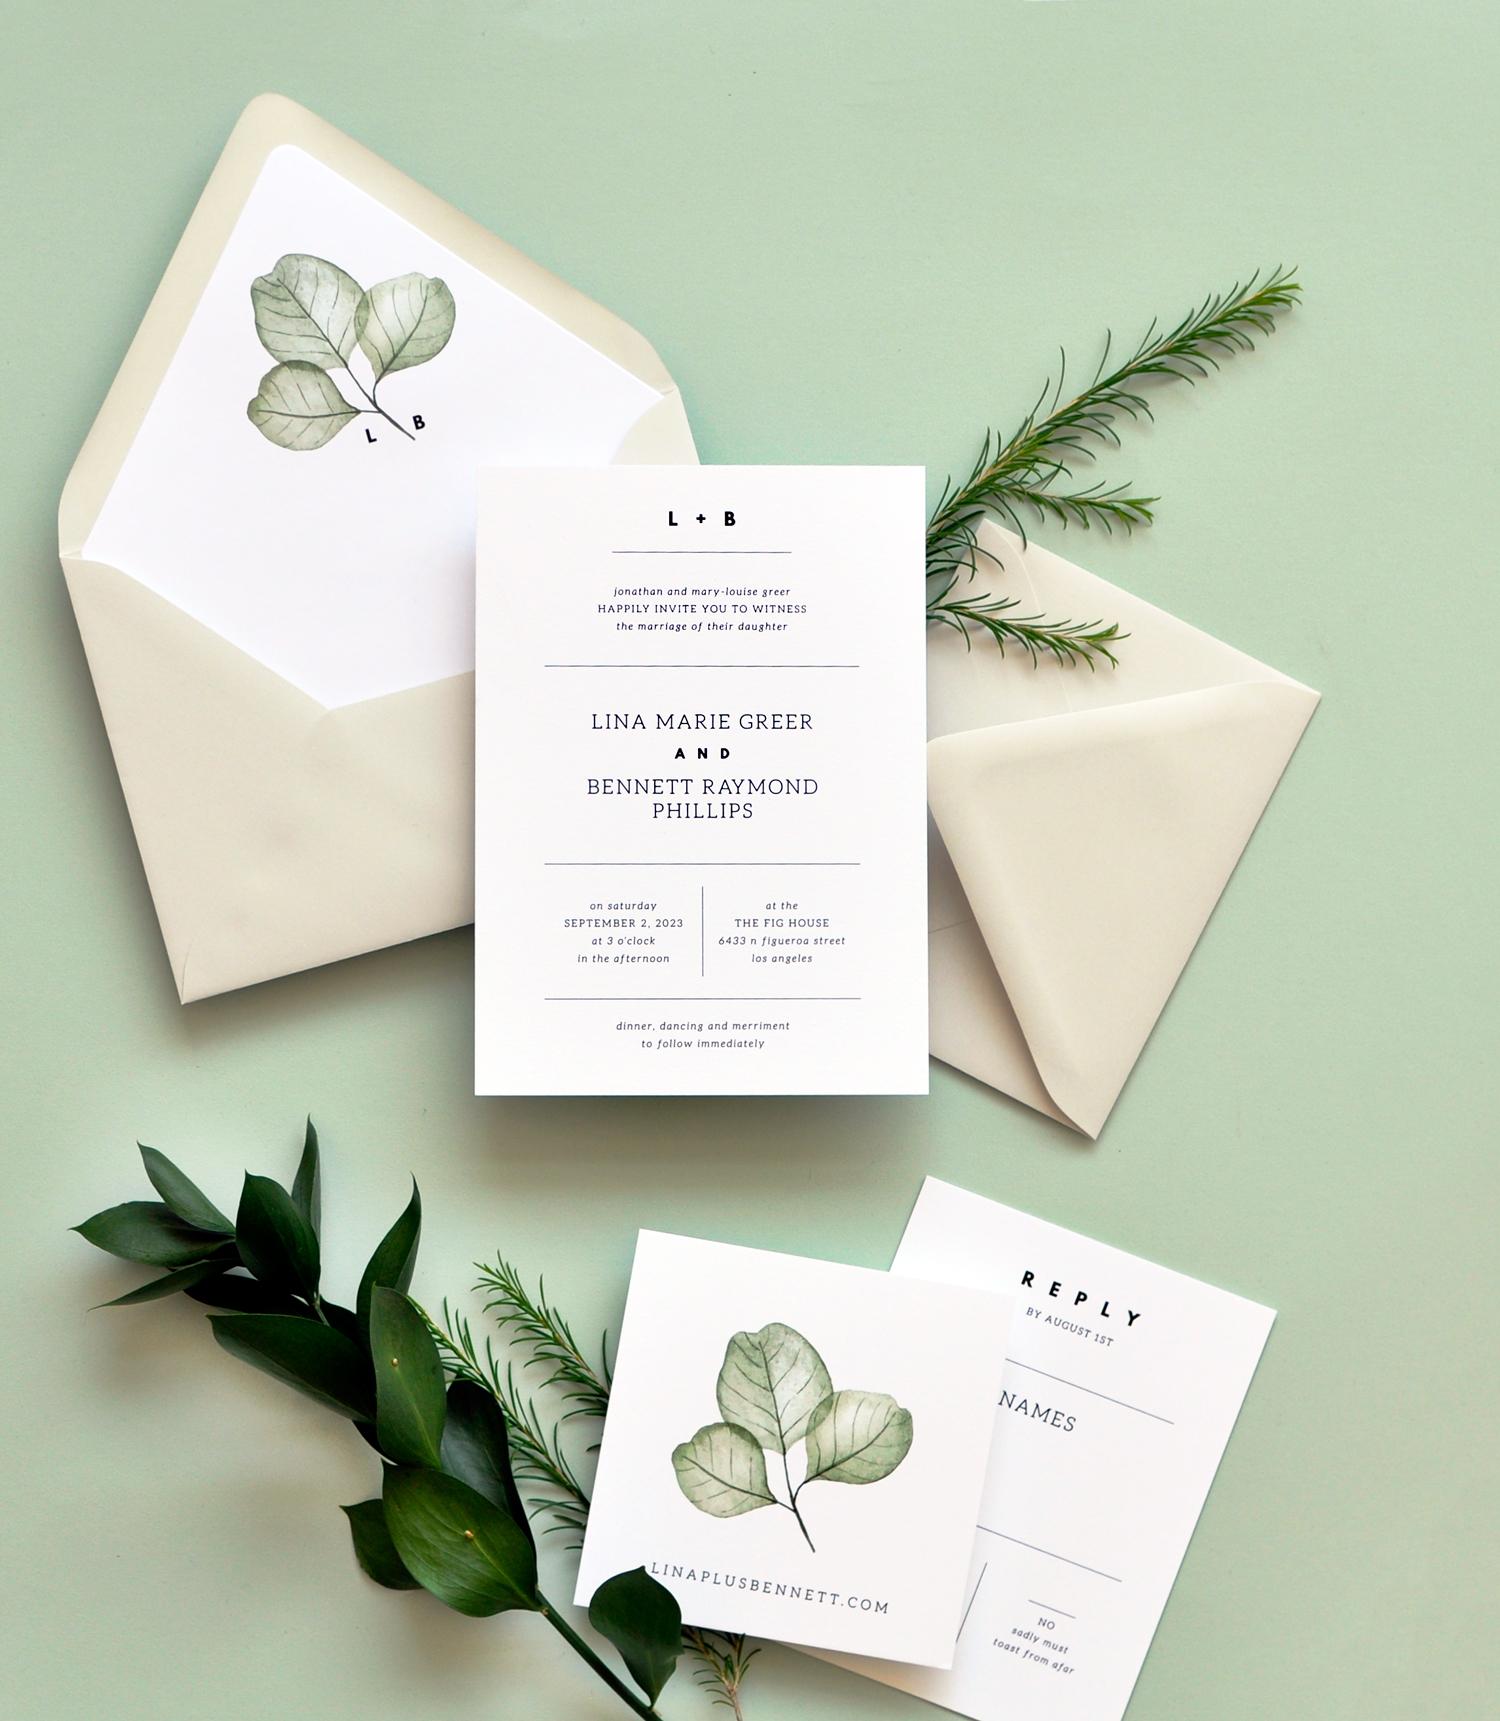 Simply Modern Wedding Invitation with Leaf Motif